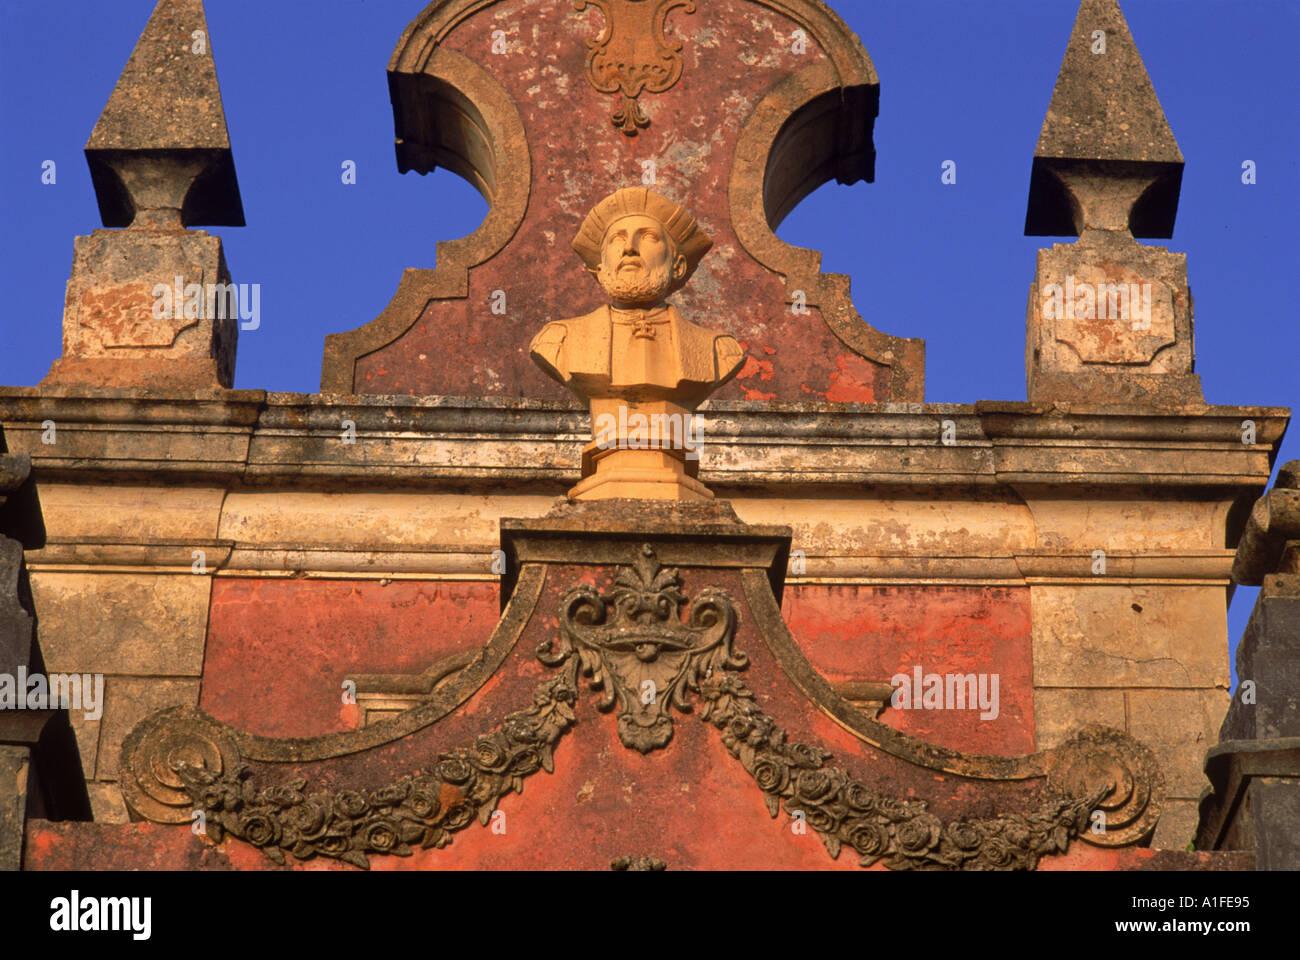 Busto di Vasco da Gama nei giardini del palazzo di Estoi C diciottesimo a C XIX secolo a Estoi Faro in Algarve Portogallo N Westwater Immagini Stock